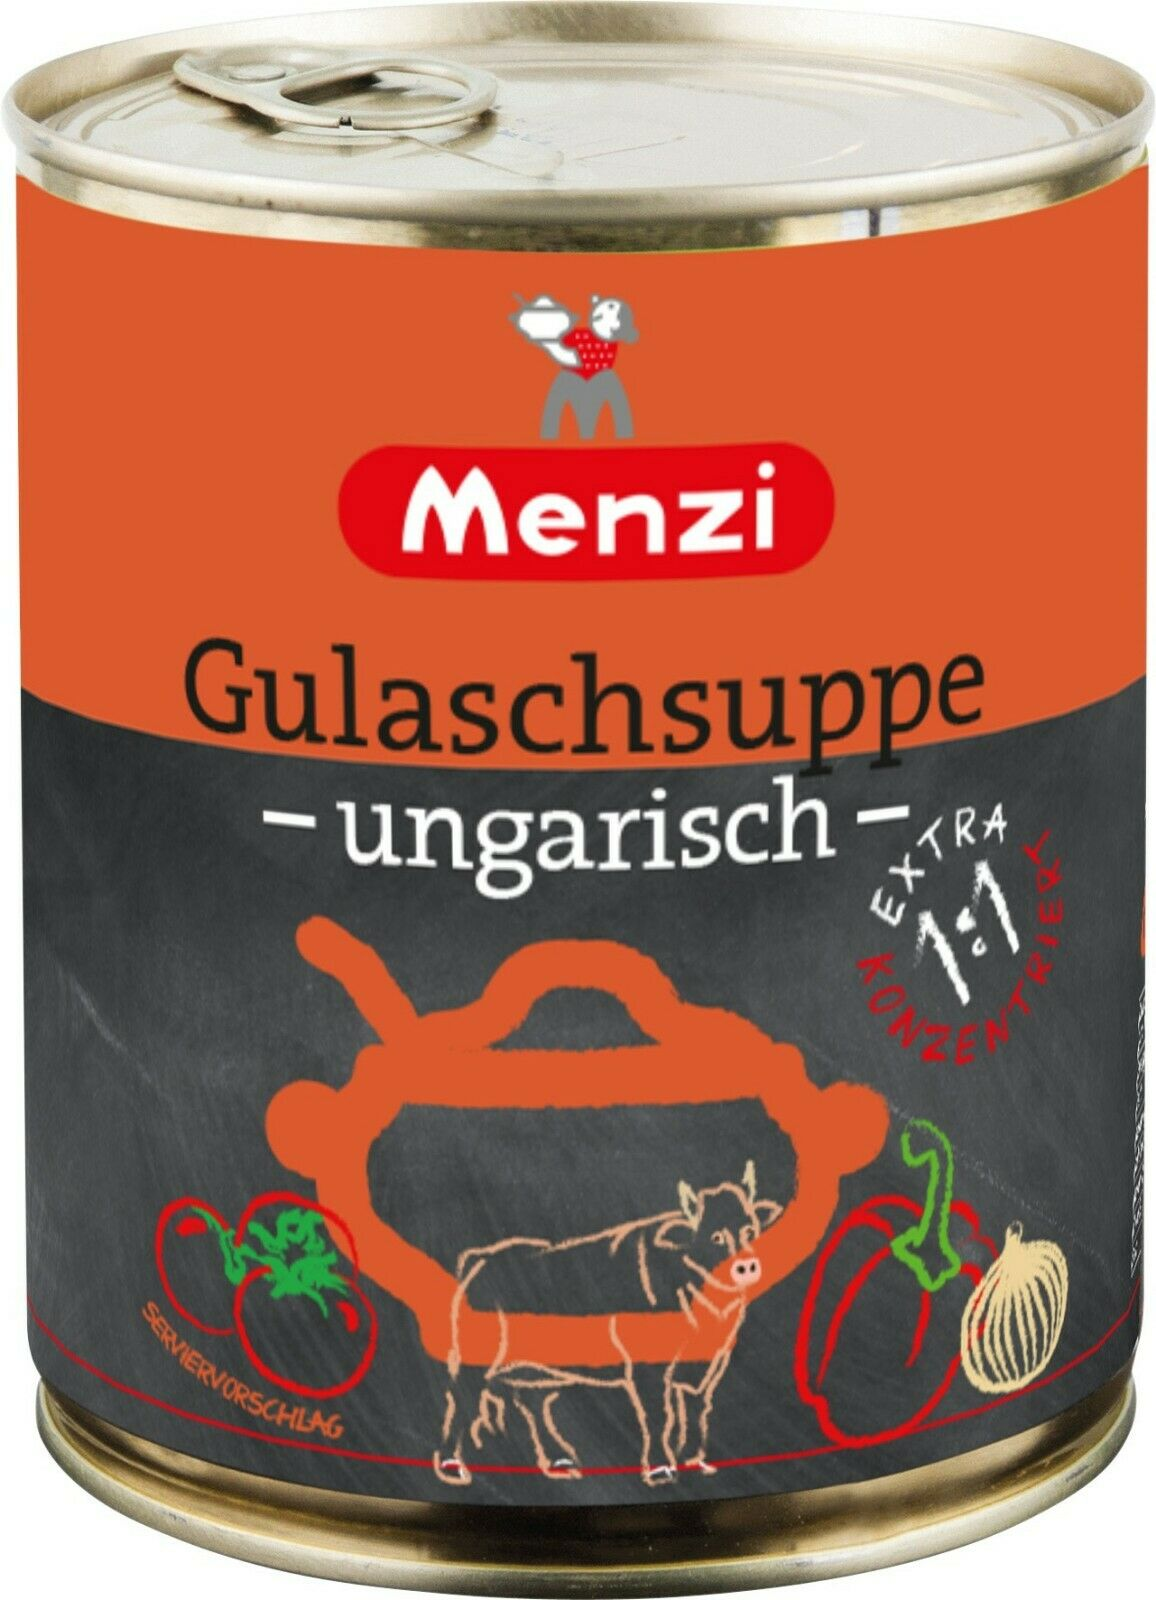 (1L=9,99€) Menzi Ungarische Gulaschsuppe Extra - konzentriert - 800 ml